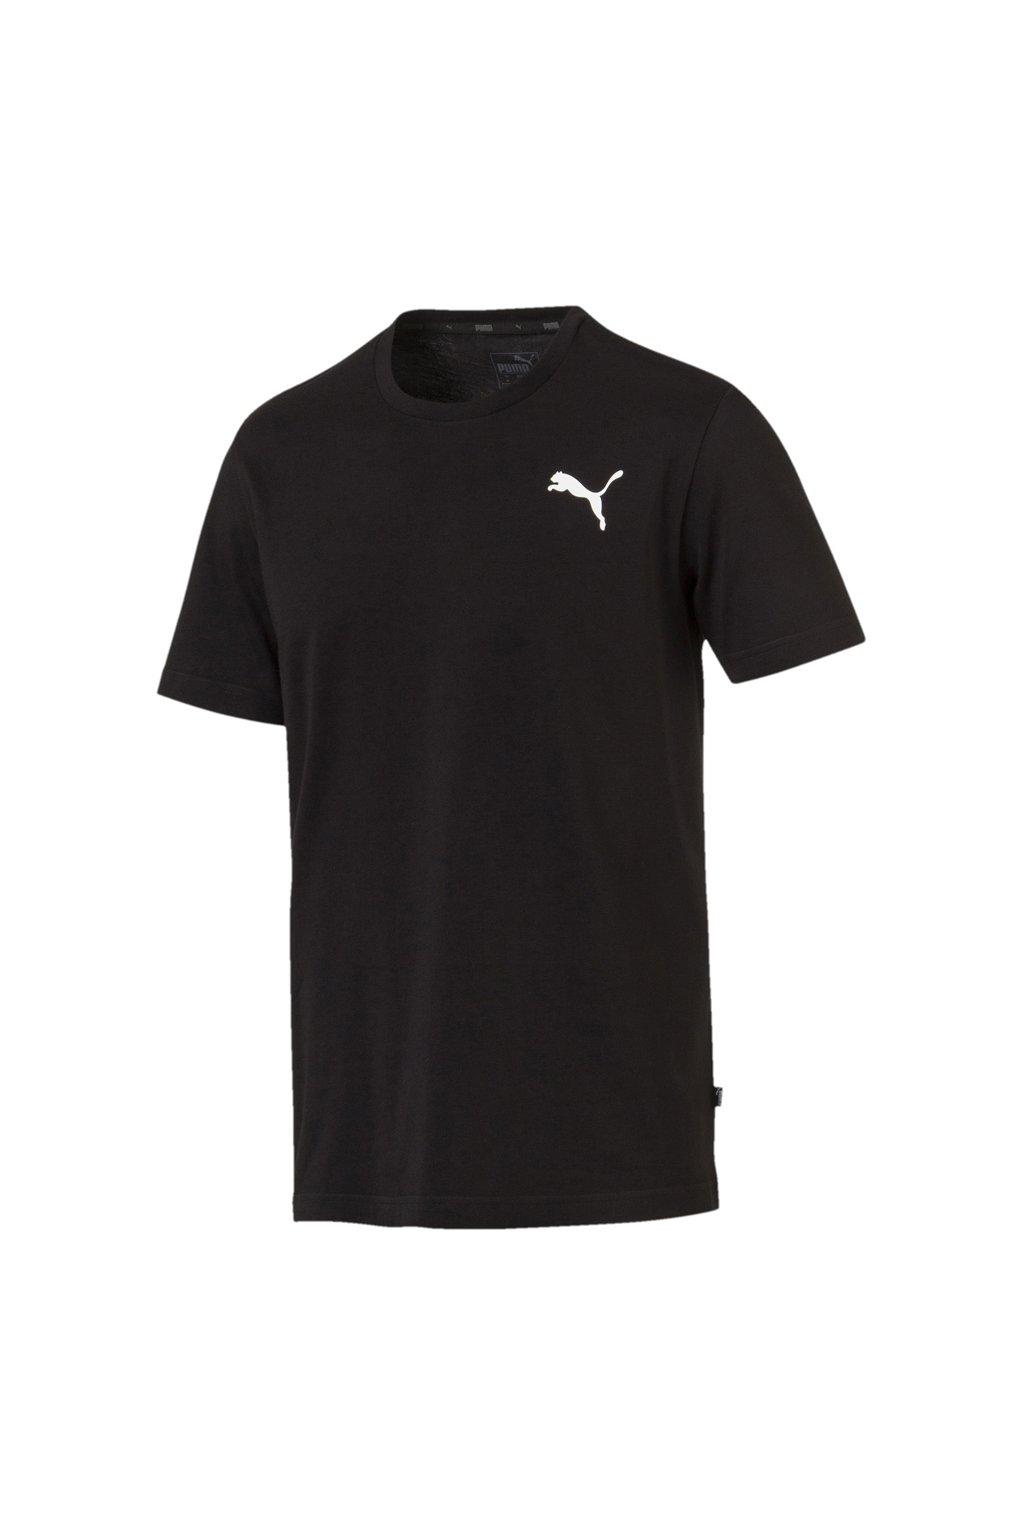 Pánske tričko Puma ESS Small Logo Tee čierne  851741 21